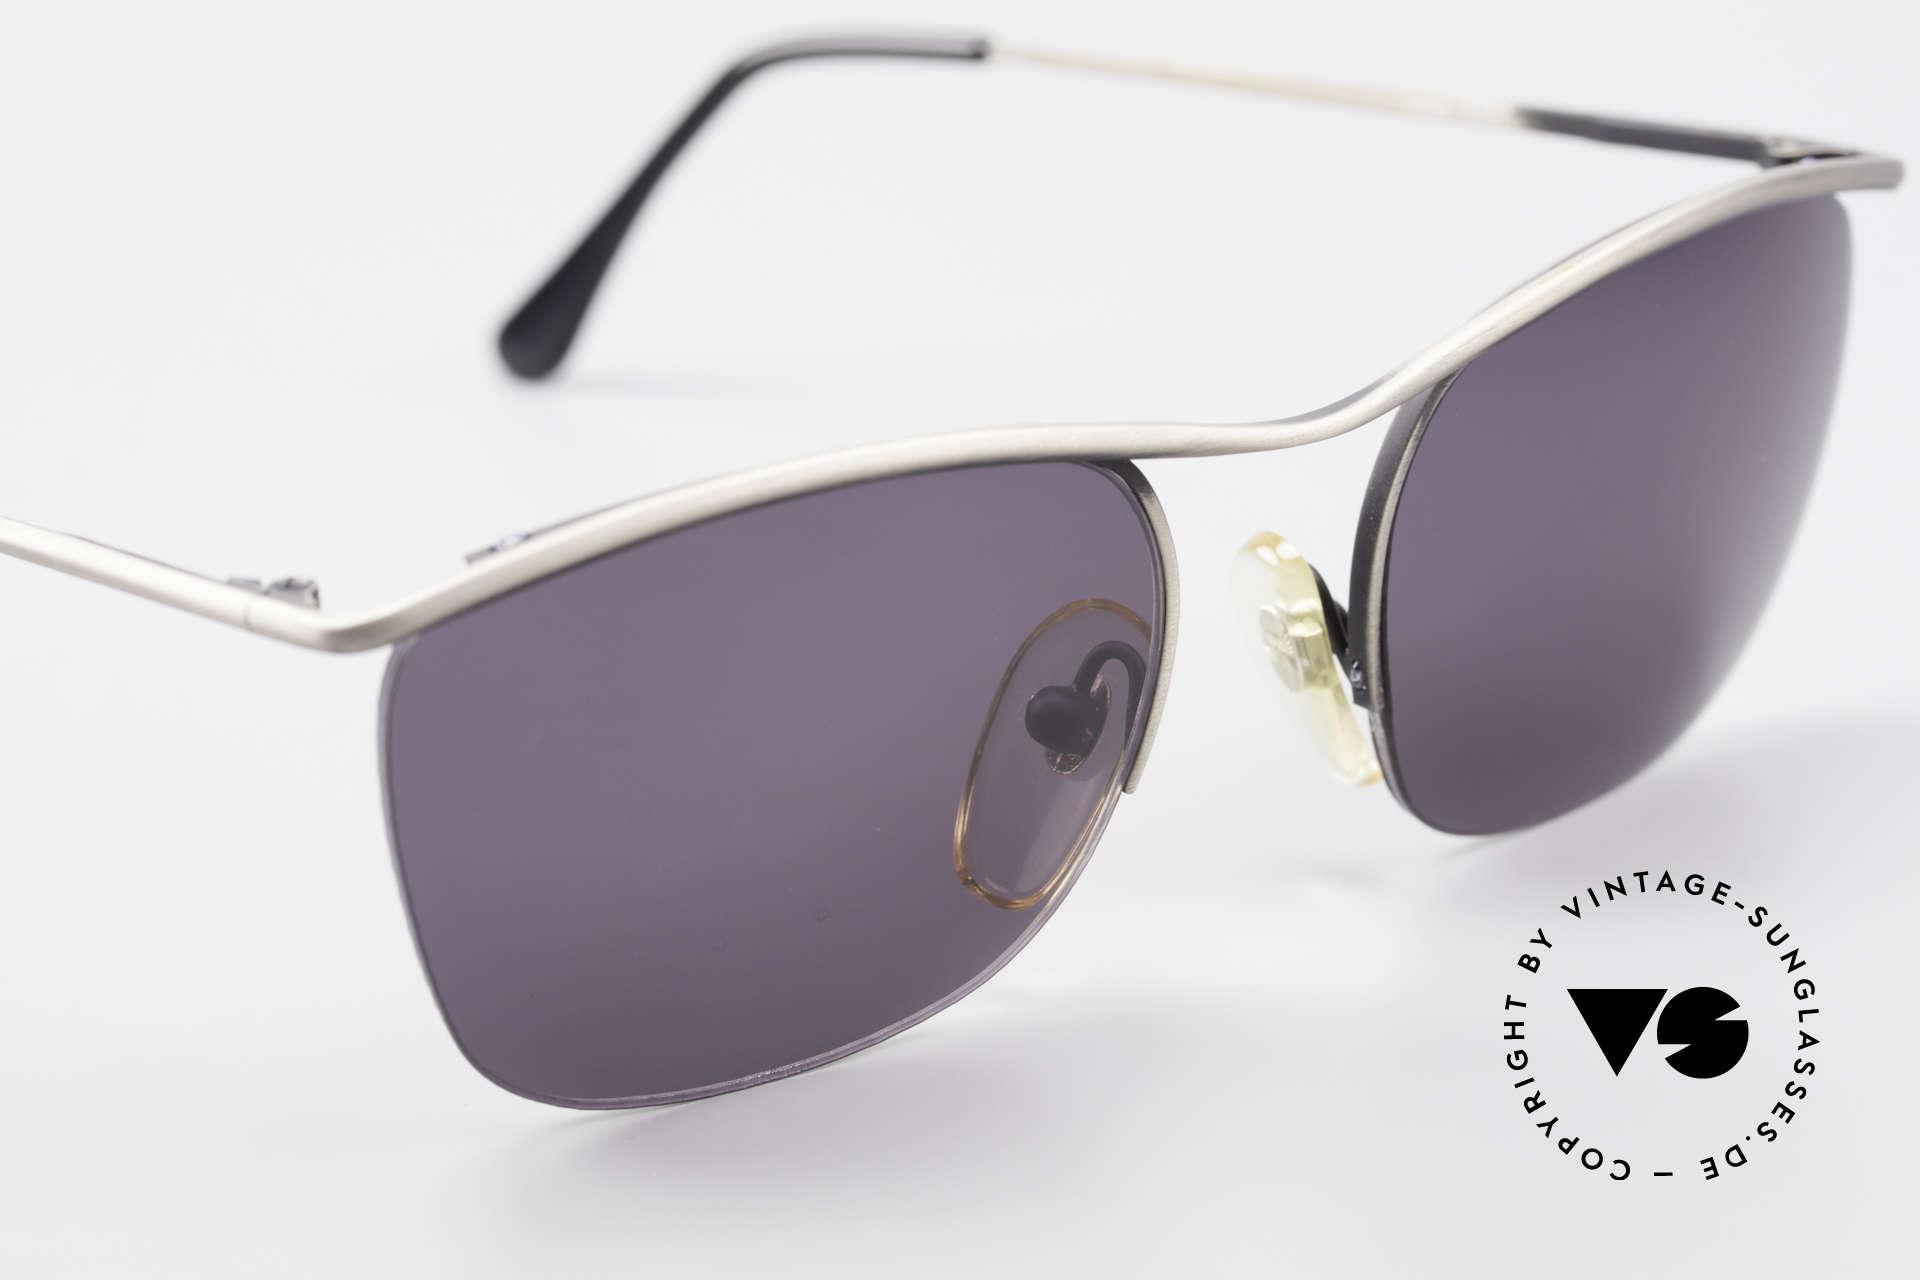 Cutler And Gross 0267 Halb Rahmenlose Sonnenbrille, ungetragen; Modell ist auch beliebig optisch verglasbar, Passend für Herren und Damen